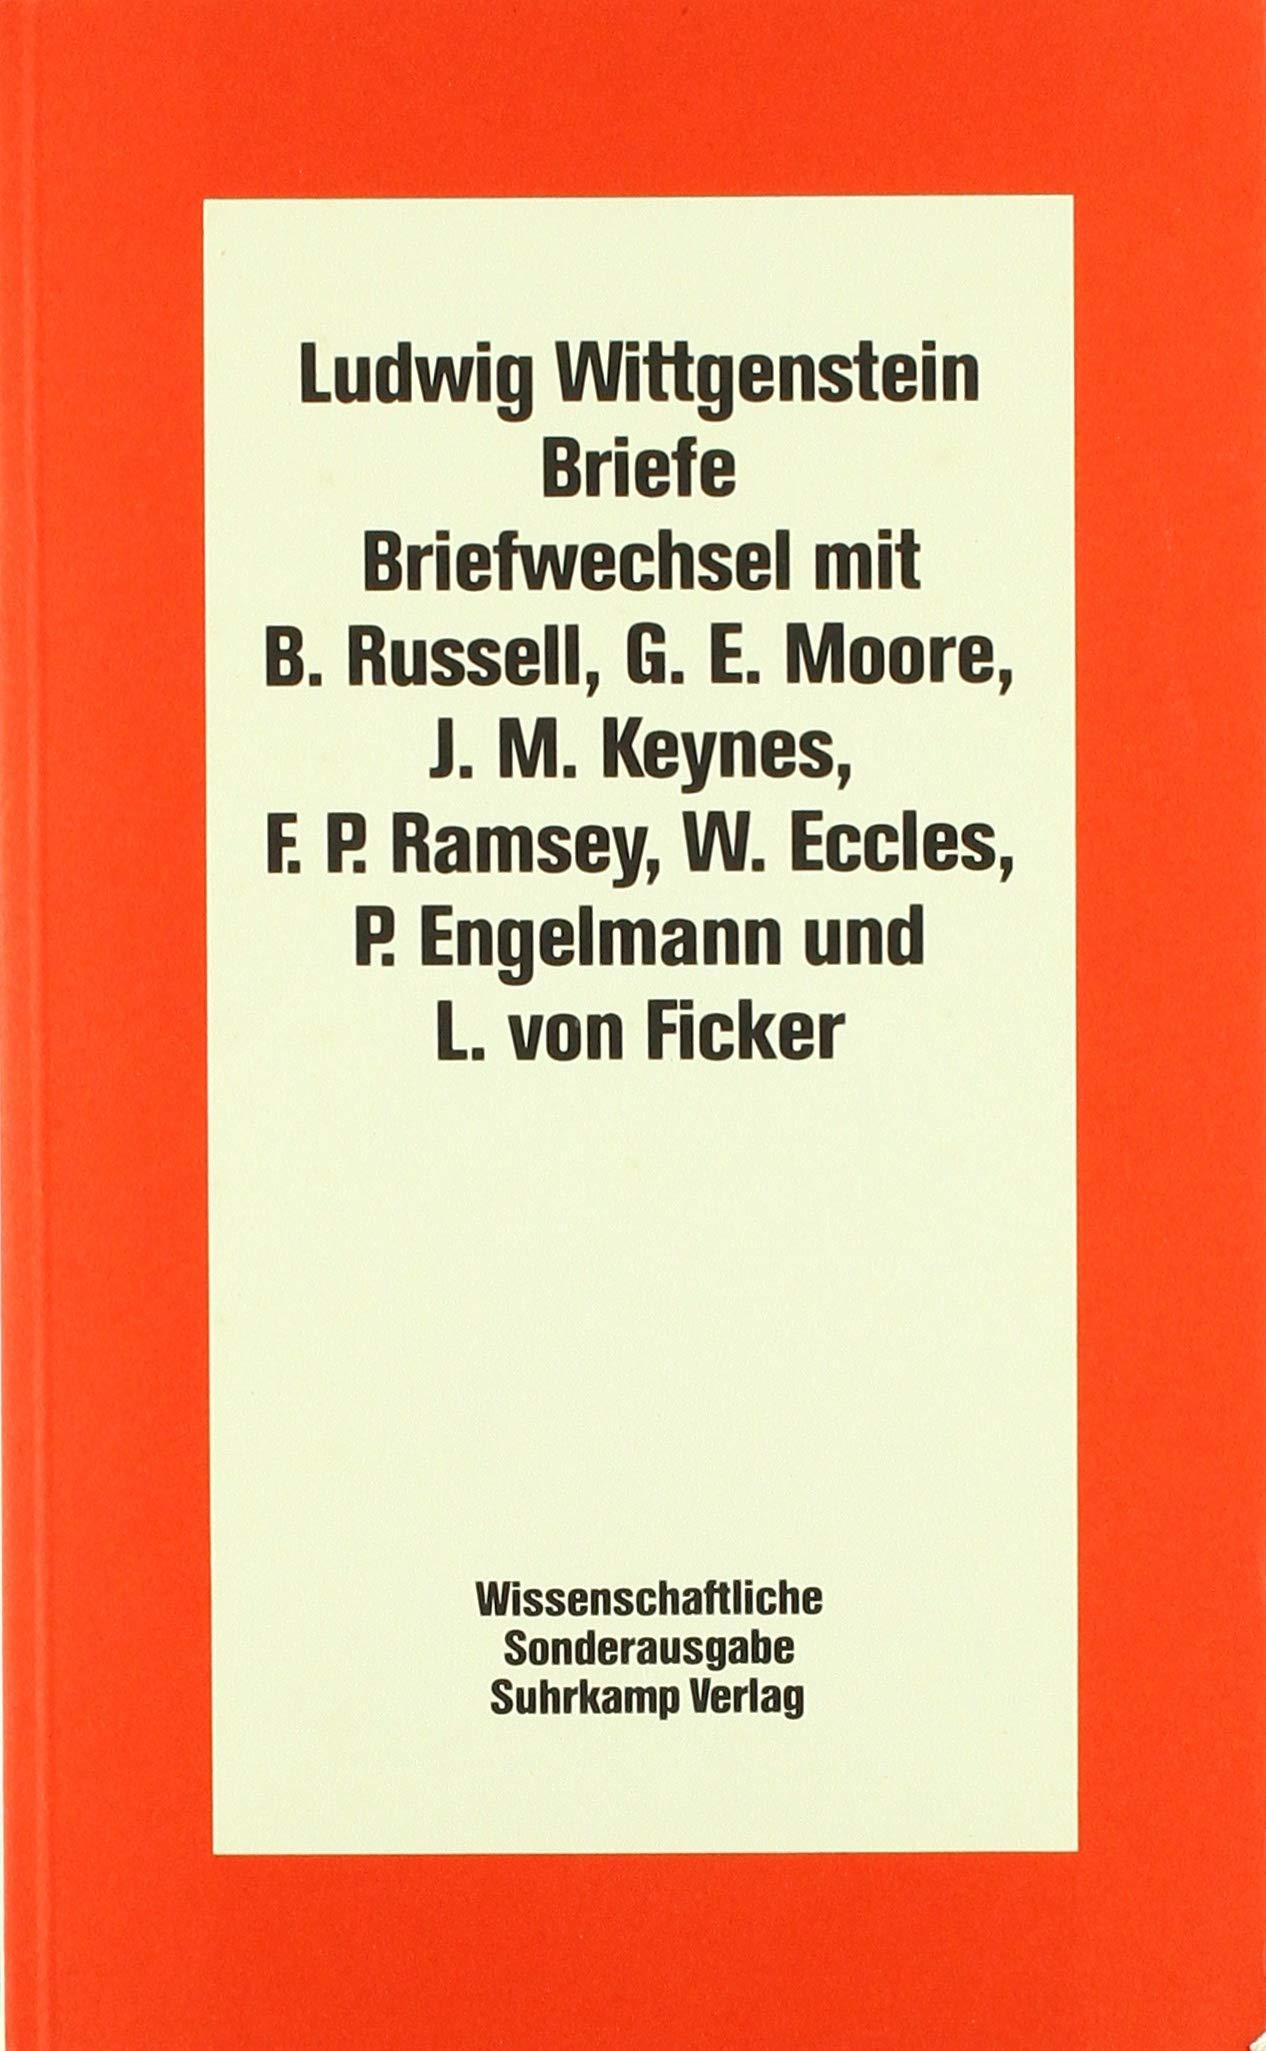 Ludwig Wittgenstein Briefe: Briefweckel mit B. Russel, G. E. Moore, J. M. Keynes, F. P. Ramsey, W. Eccles, P. Engelmann und L. von Ficker